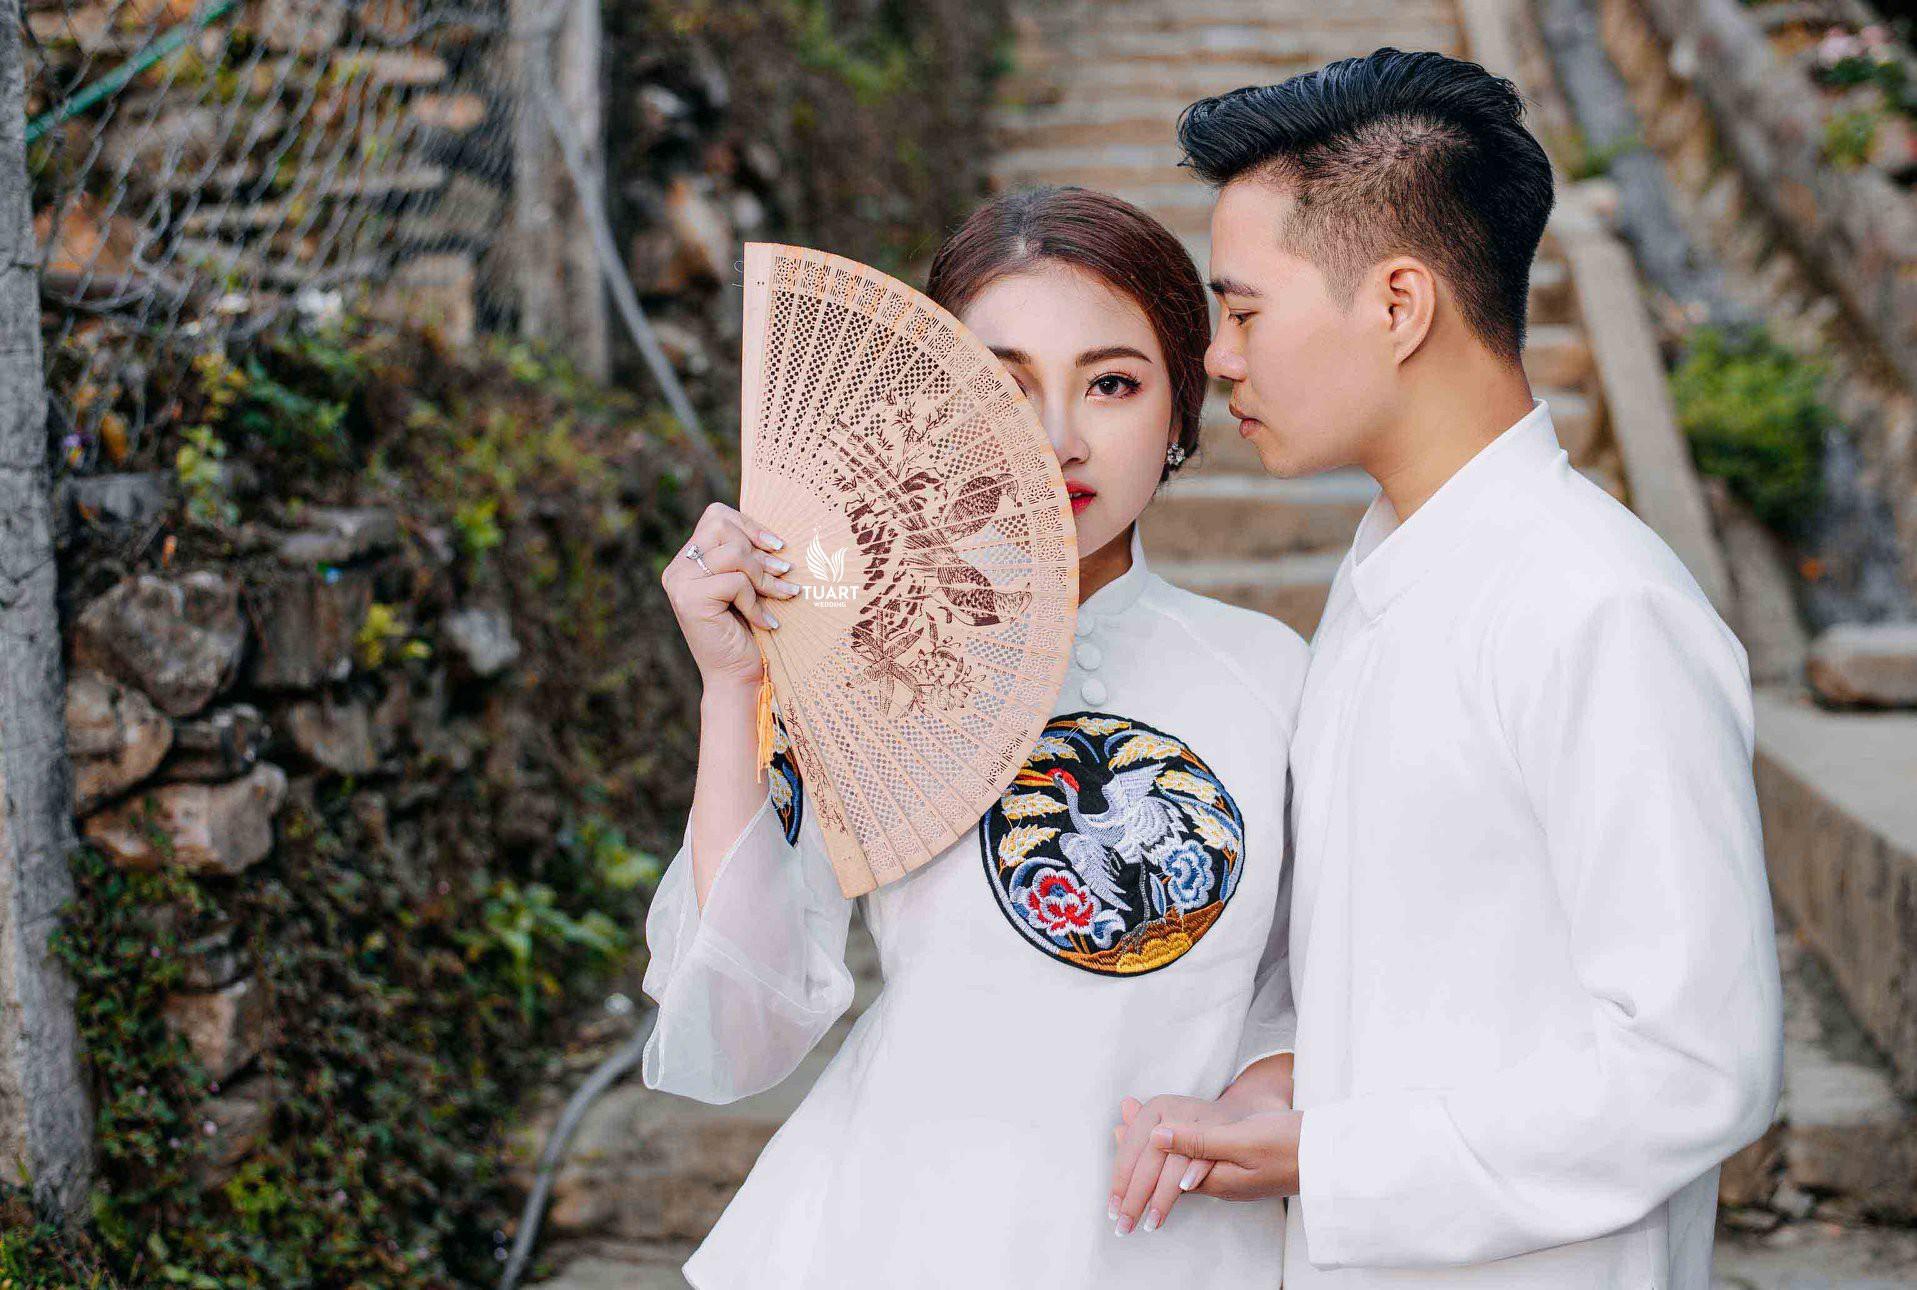 Cô dâu vàng đeo trĩu cổ sống trong lâu đài 7 tầng ở Nam Định: Bố mẹ cho 200 cây vàng, 2 sổ đỏ và rước dâu bằng Rolls-Royce Phantom 35 tỷ - Ảnh 10.